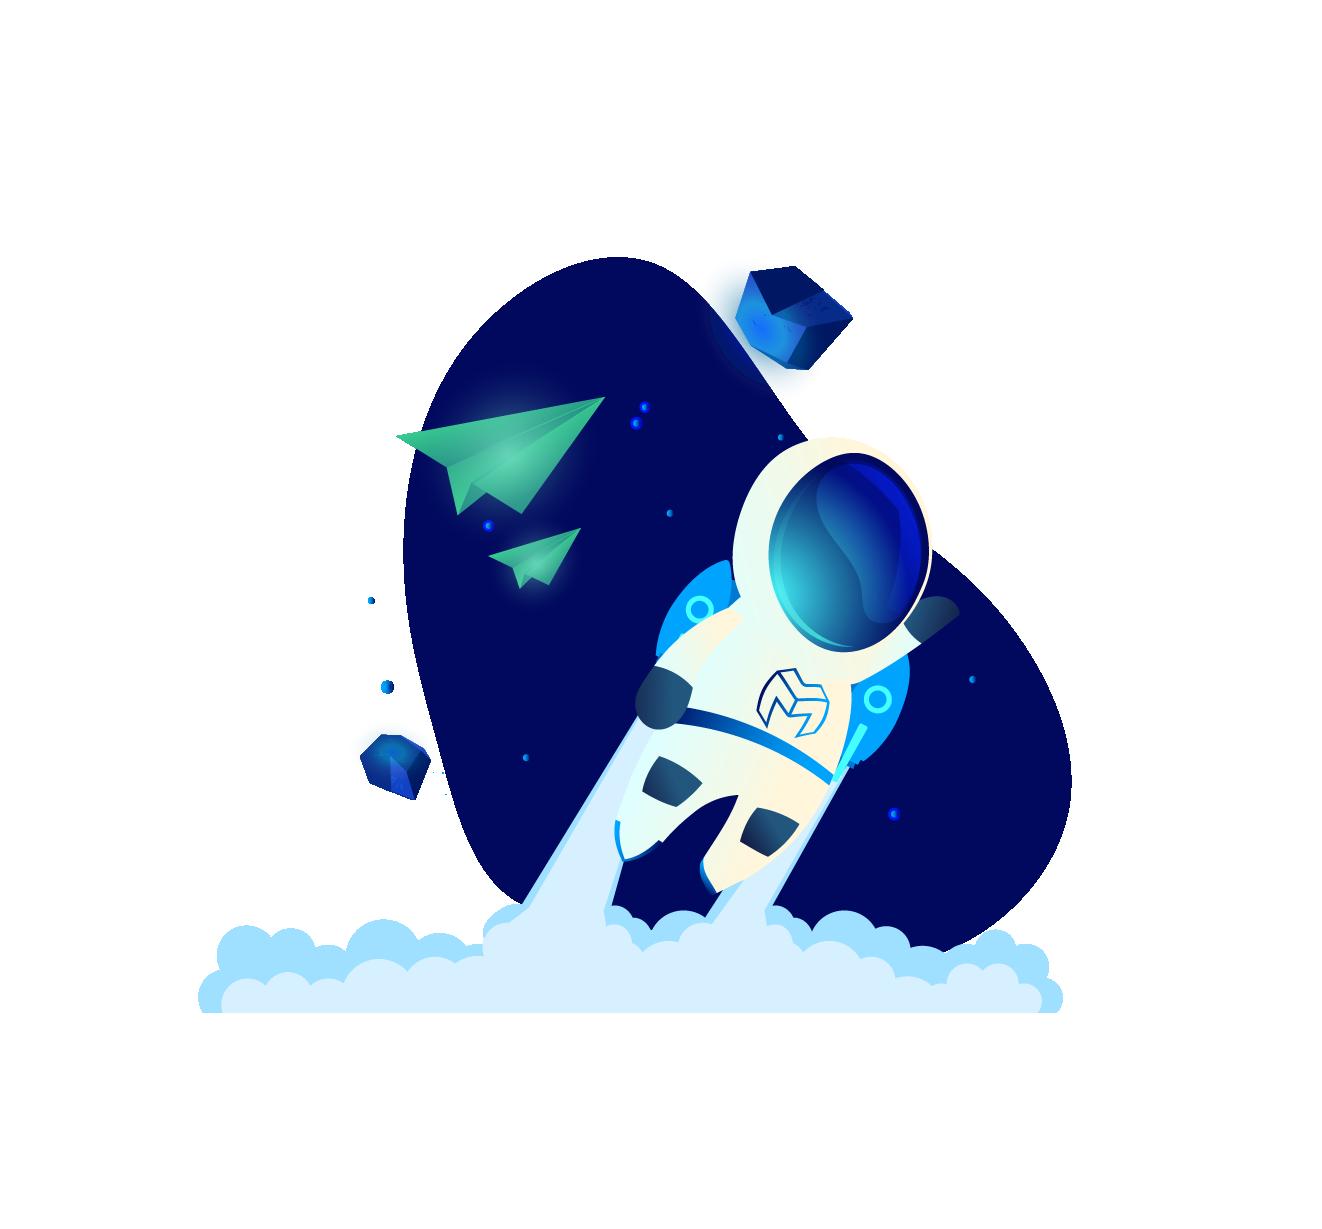 Acy Mascot